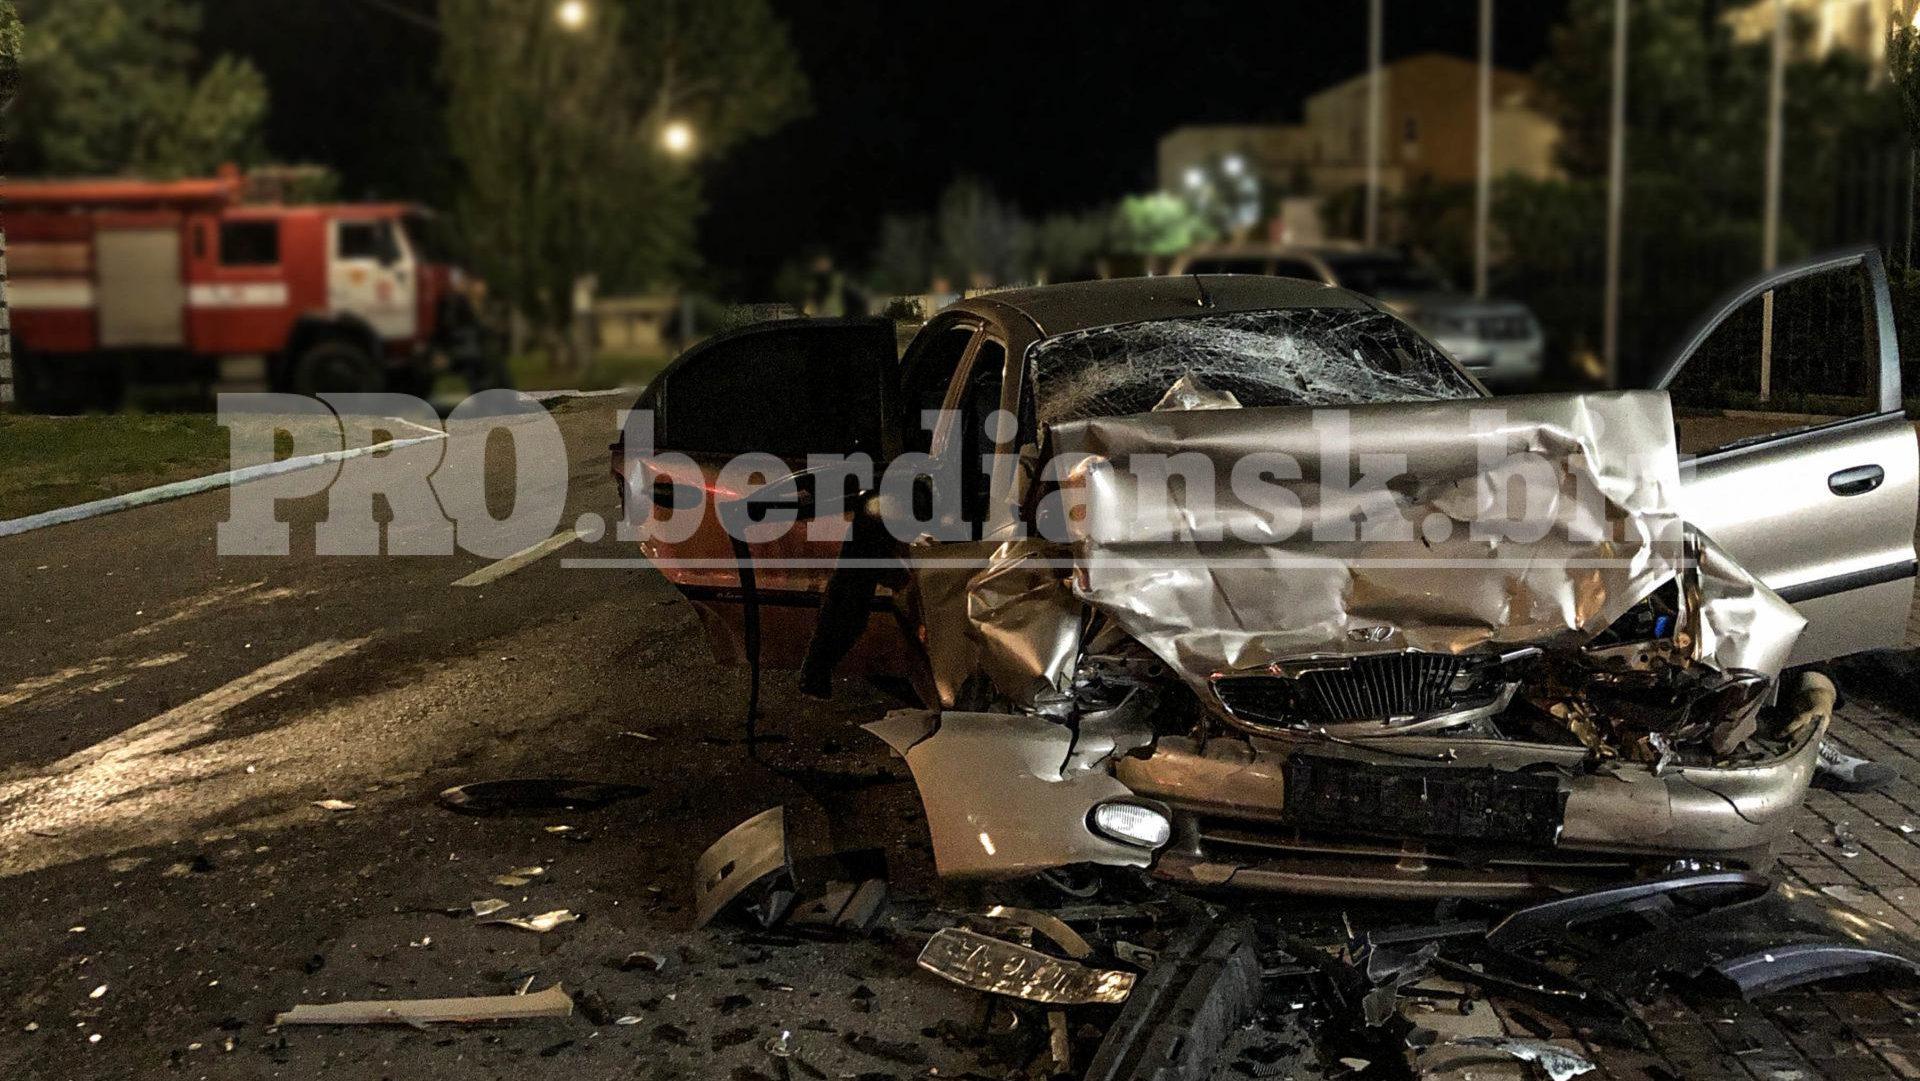 В Запорожской области произошло смертельное ДТП: погибли два человека, еще трое – в больнице, – ФОТО